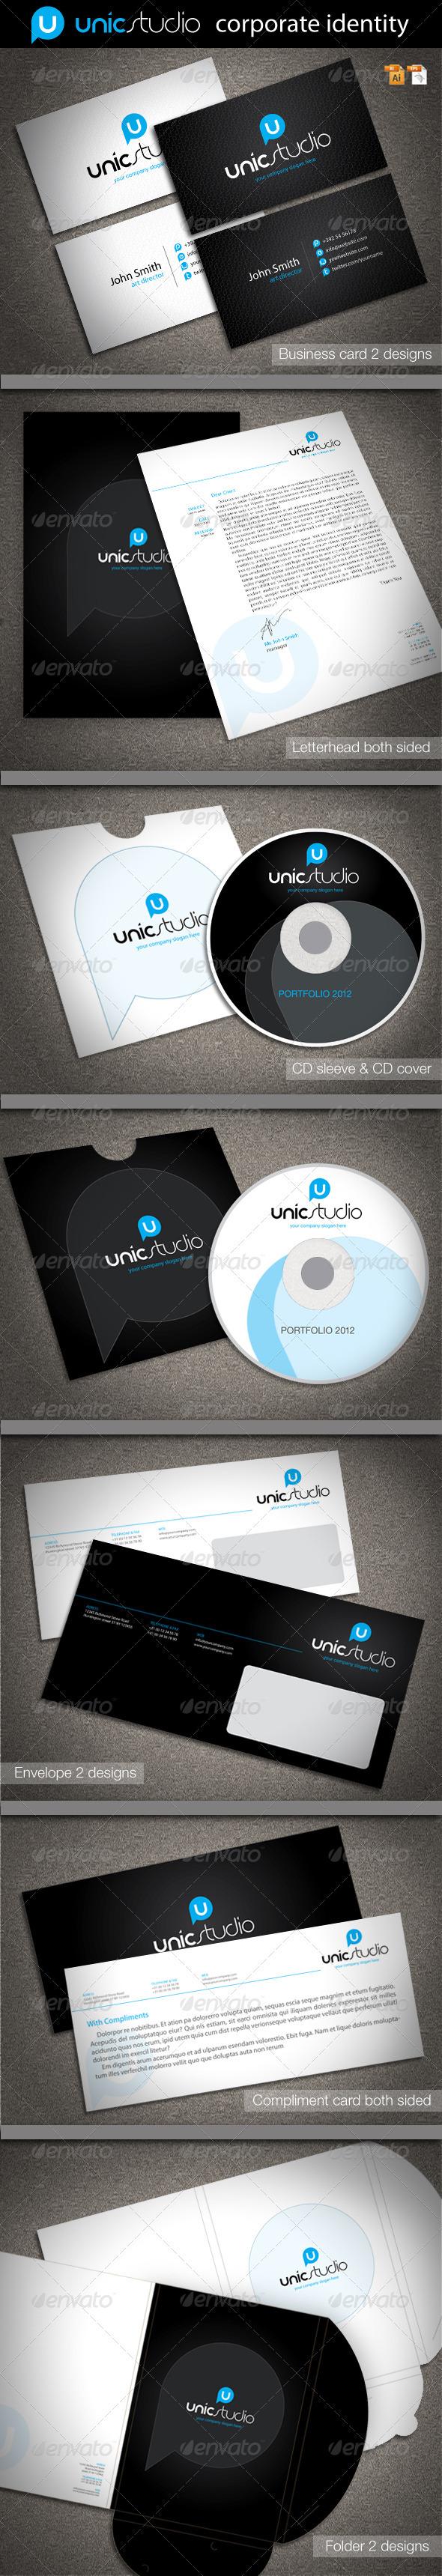 GraphicRiver Unic Studio Corporate Identity 2084281